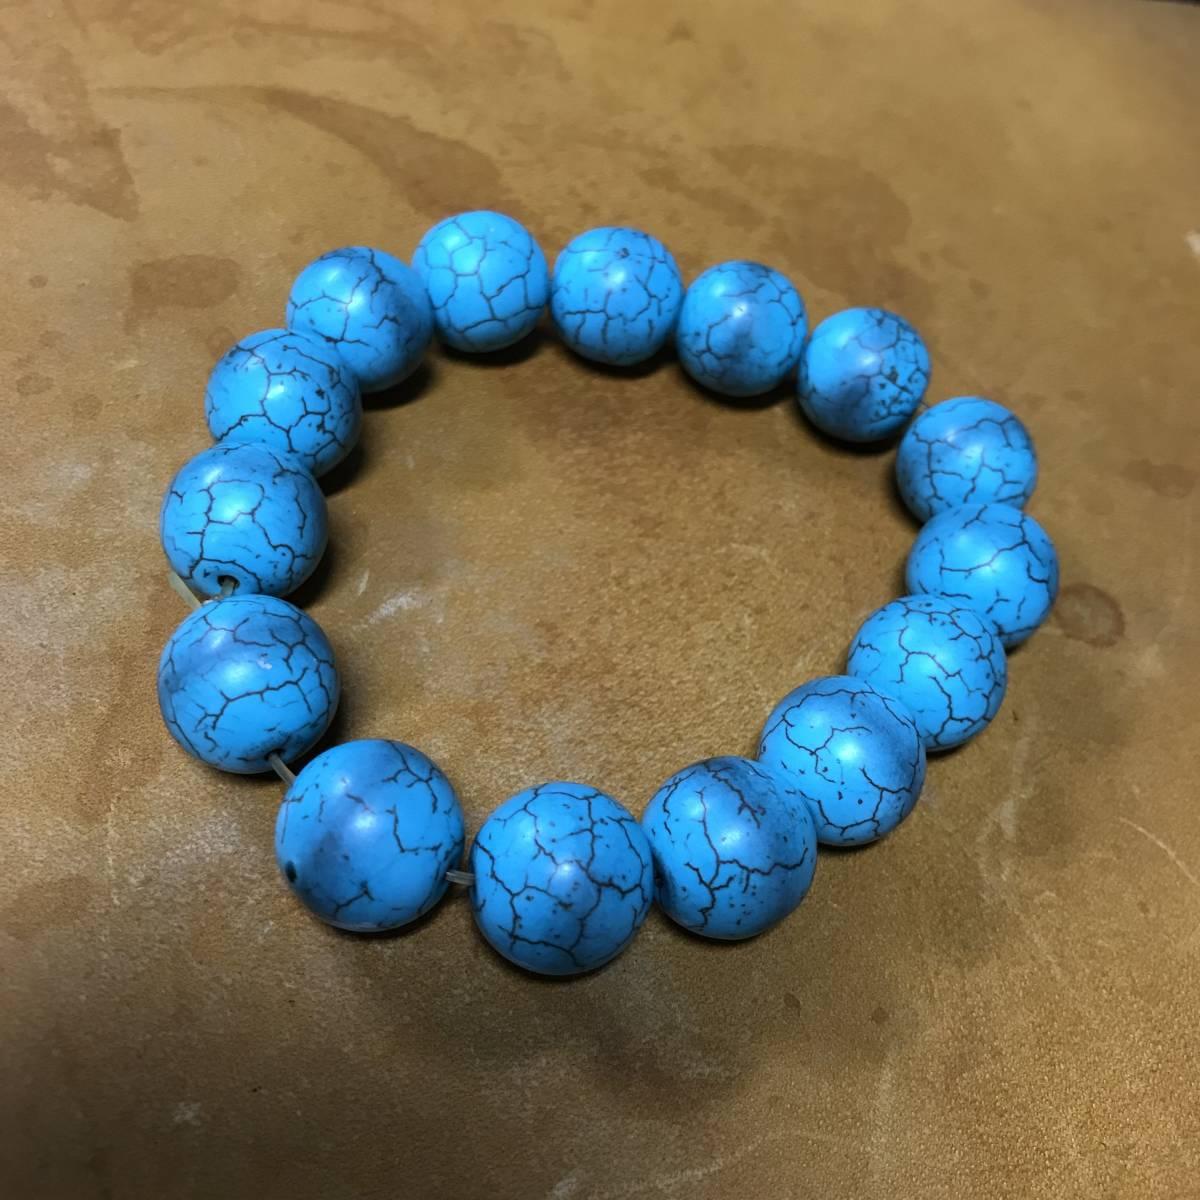 ブレスレット ターコイズ トルコ石 タイプ パワーストーン 数珠